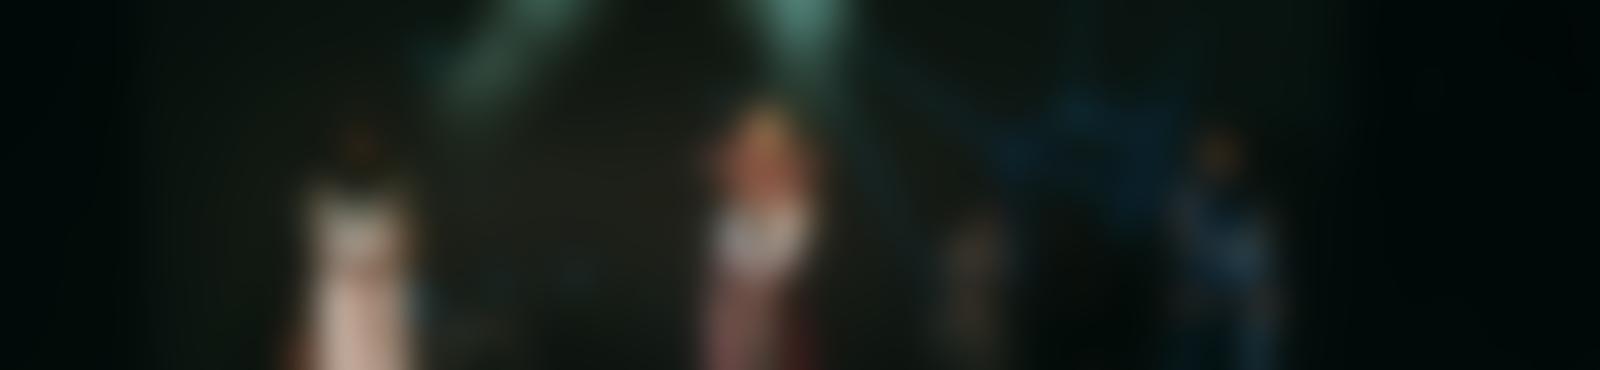 Blurred 5b0de994 74eb 4cd1 81fa 1a97a22037e3